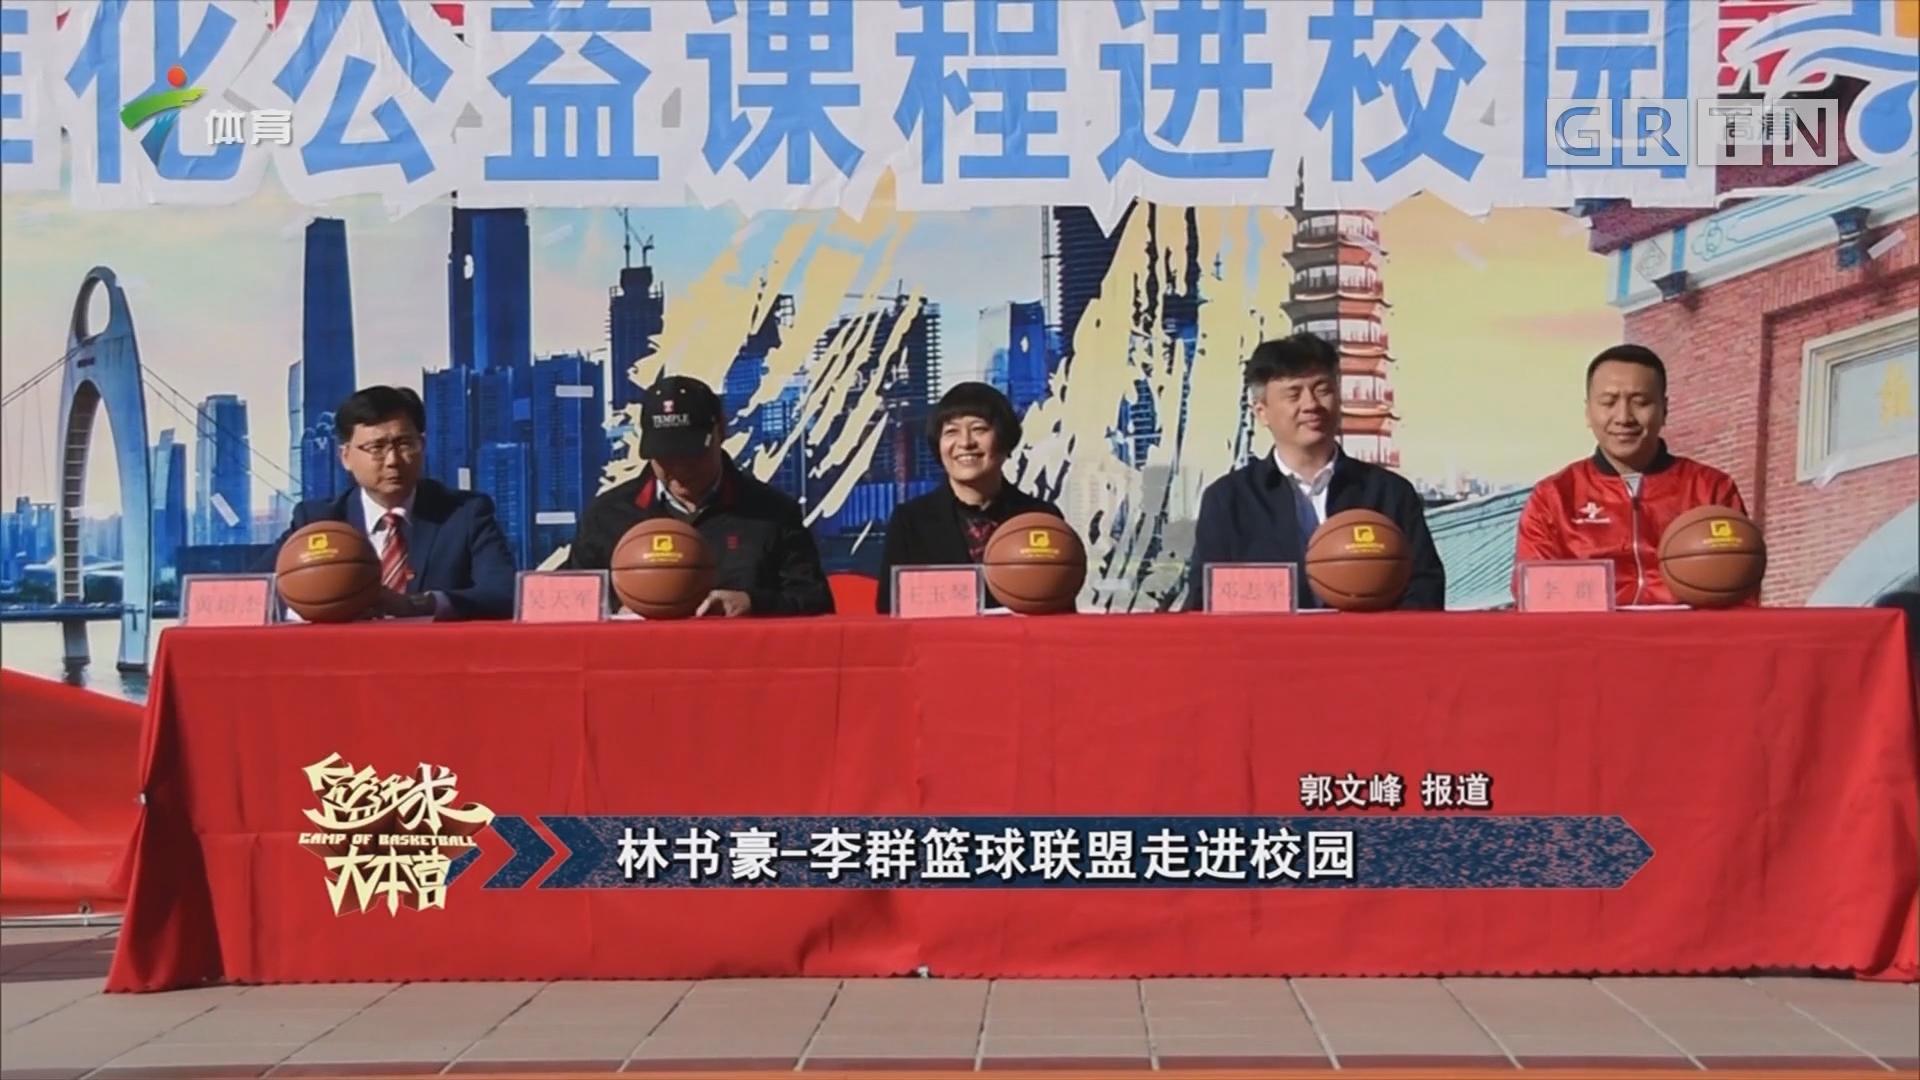 林书豪-李群篮球联盟走进校园